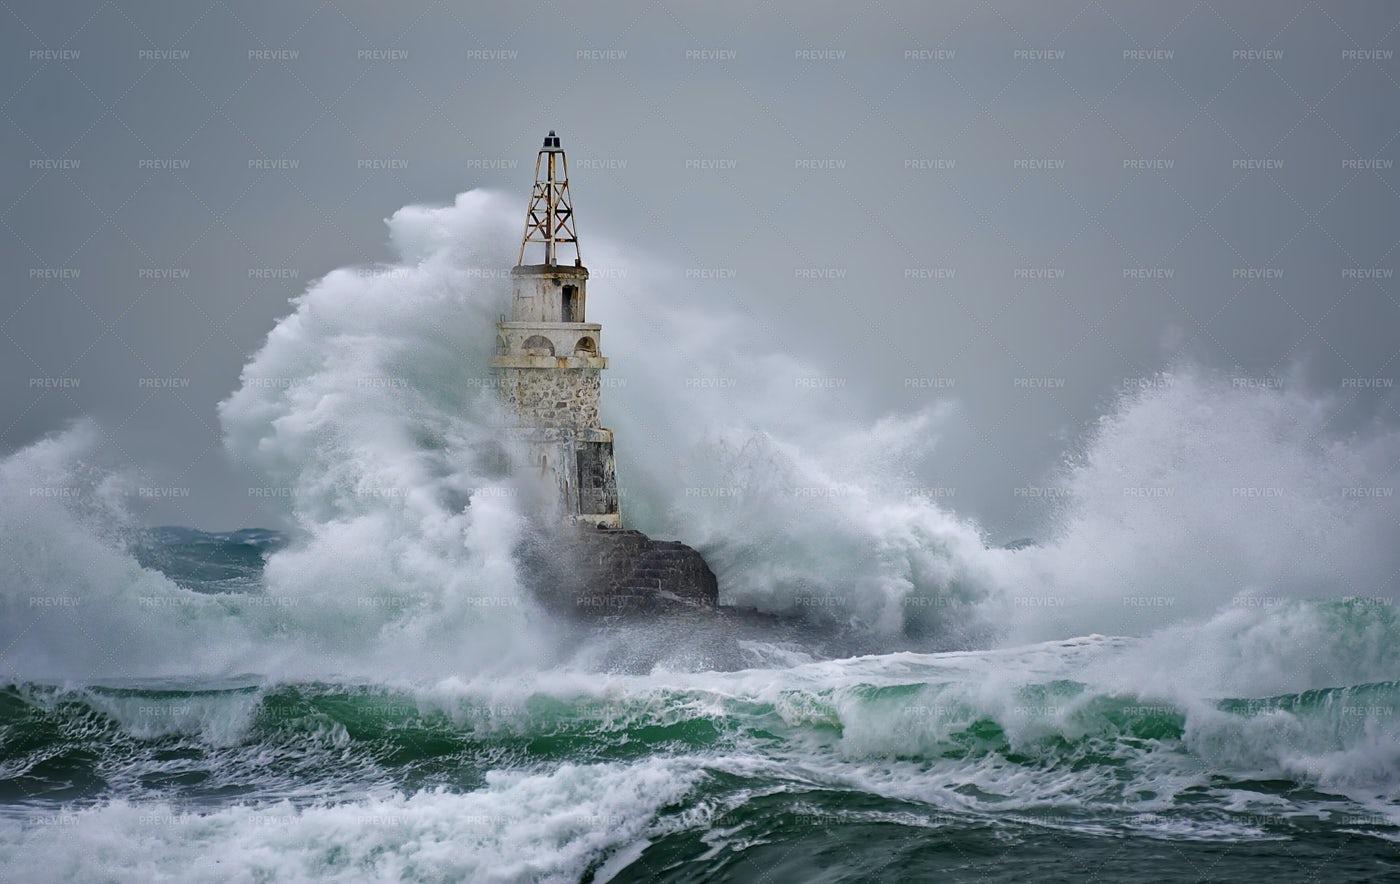 Waves Crash Against Lighthouse: Stock Photos